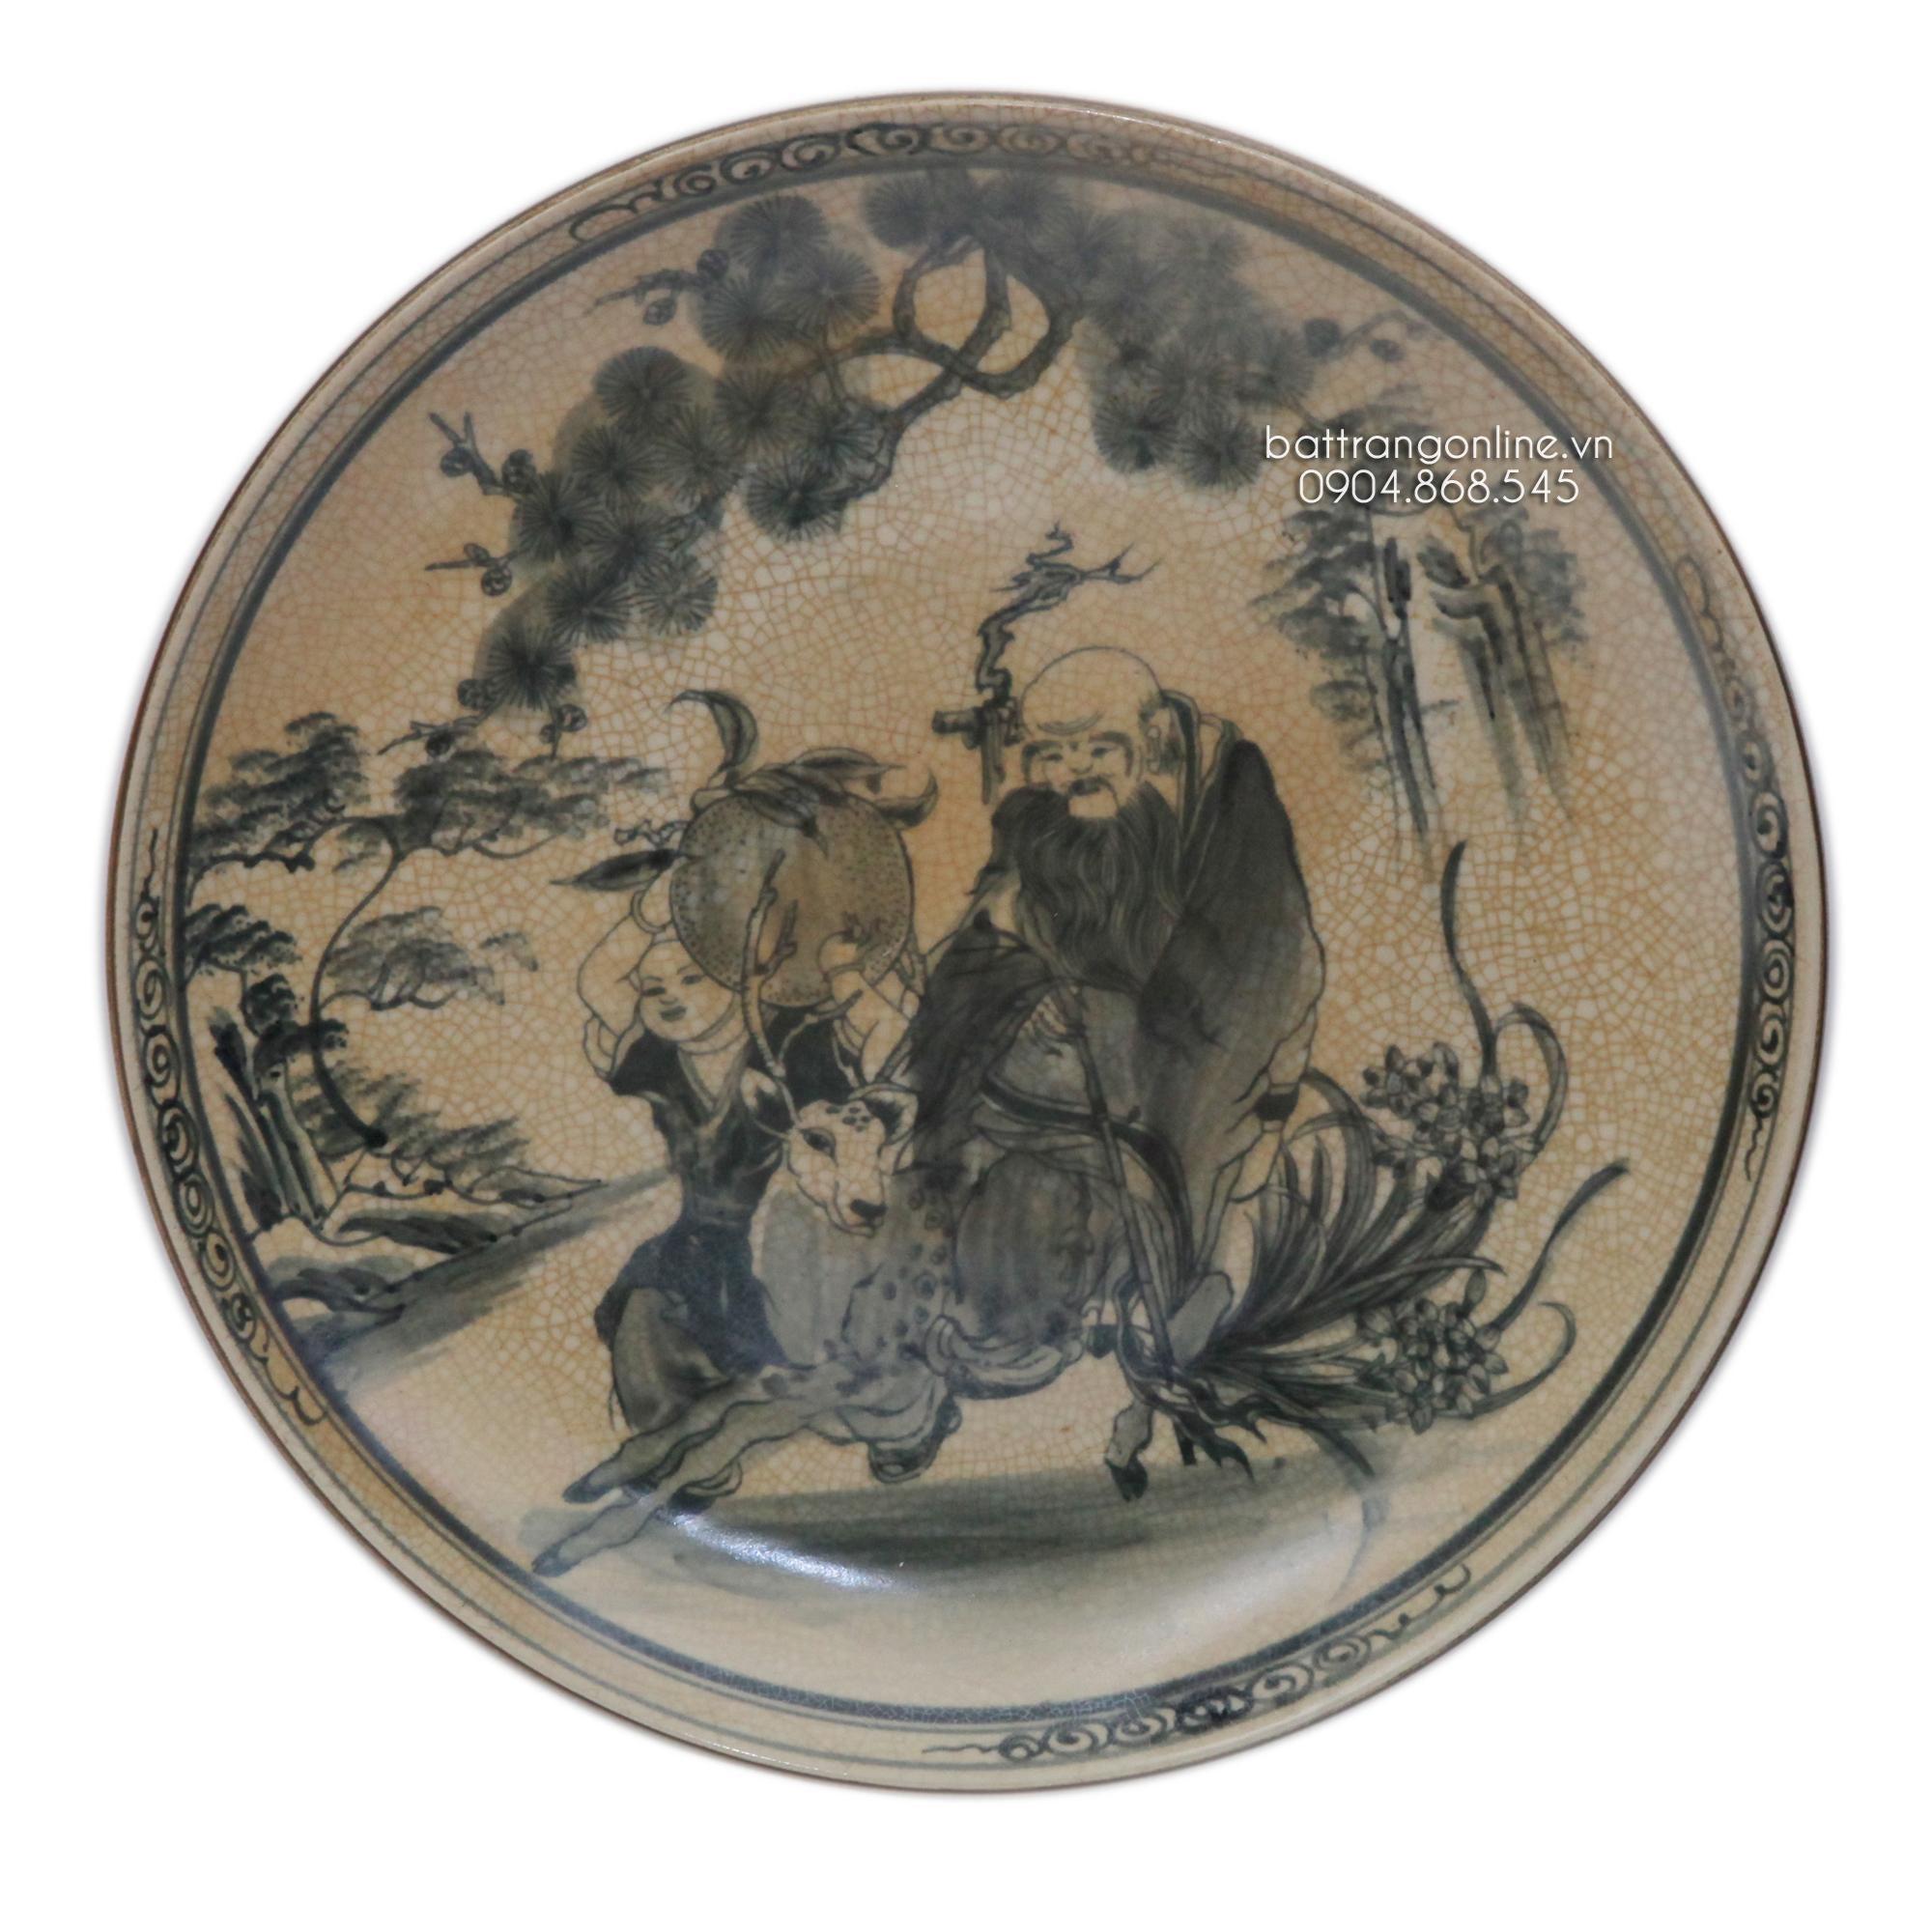 Đĩa cảnh - men rạn cổ - vẽ tay - 04 - đường kính 35cm